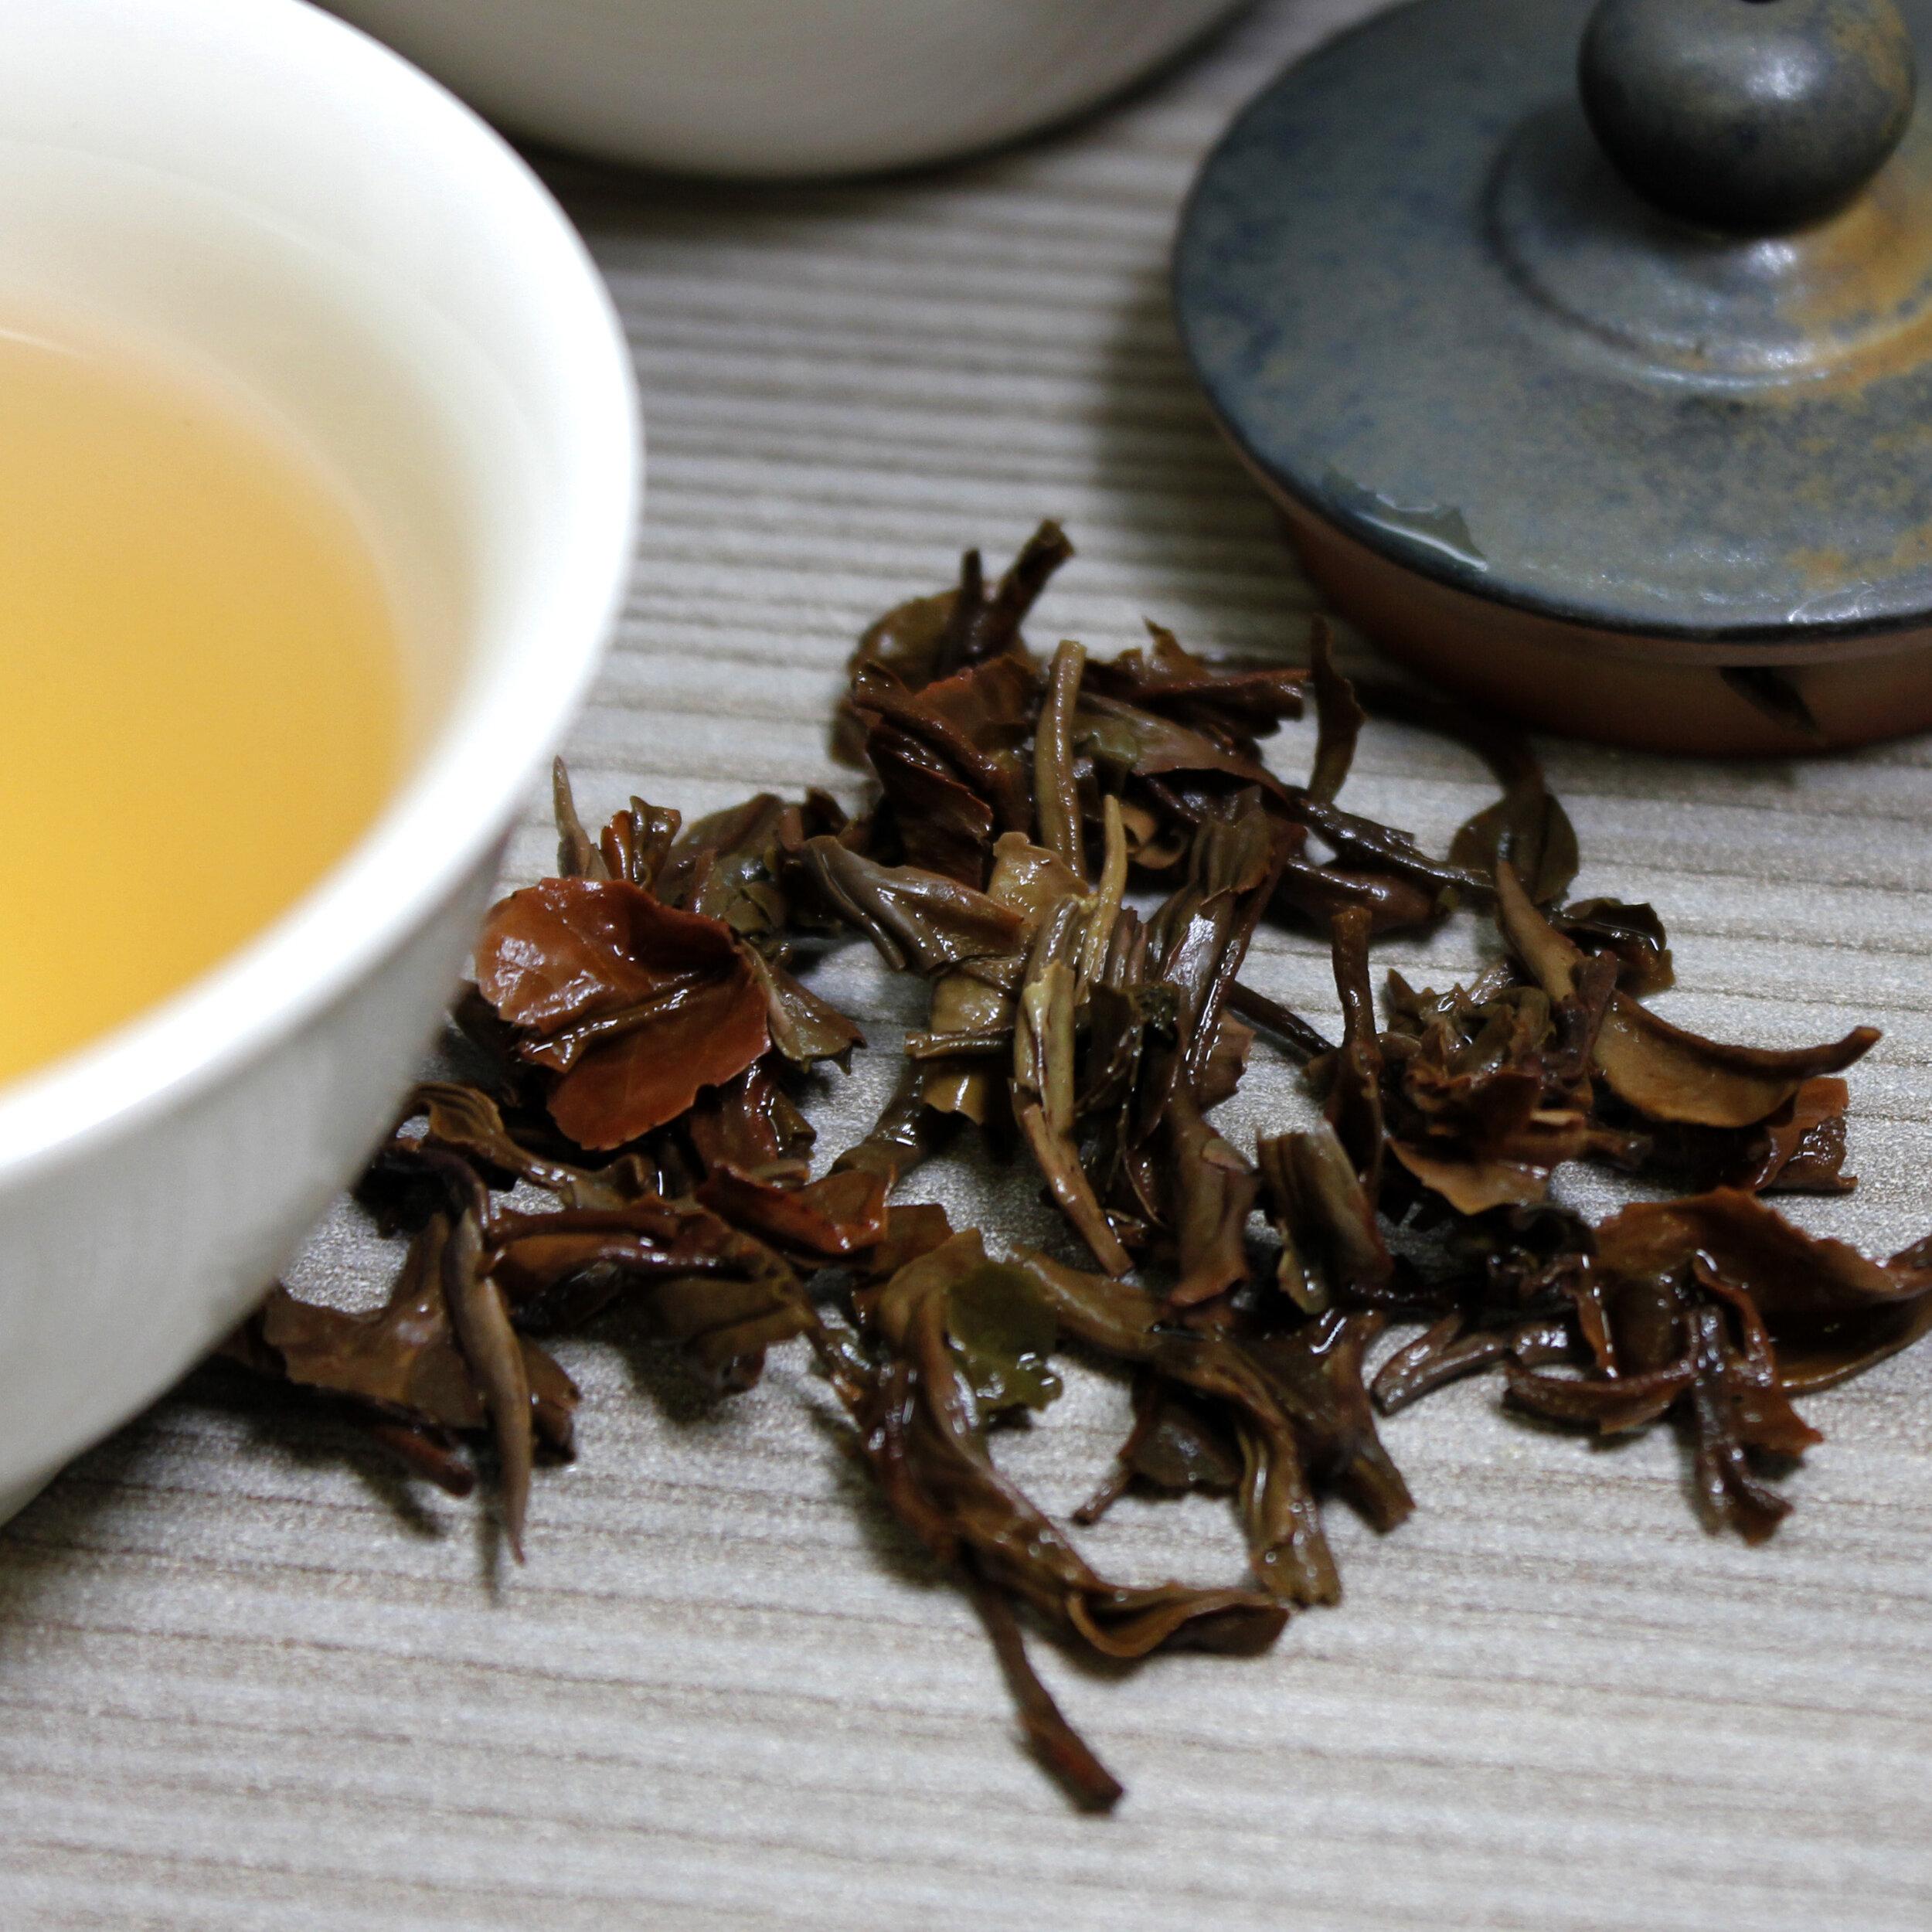 darjeeling-2nd-flush-margarets-hope-estate-india-black-whole-leaf-loose-mem-tea-itw2-2019a.jpg